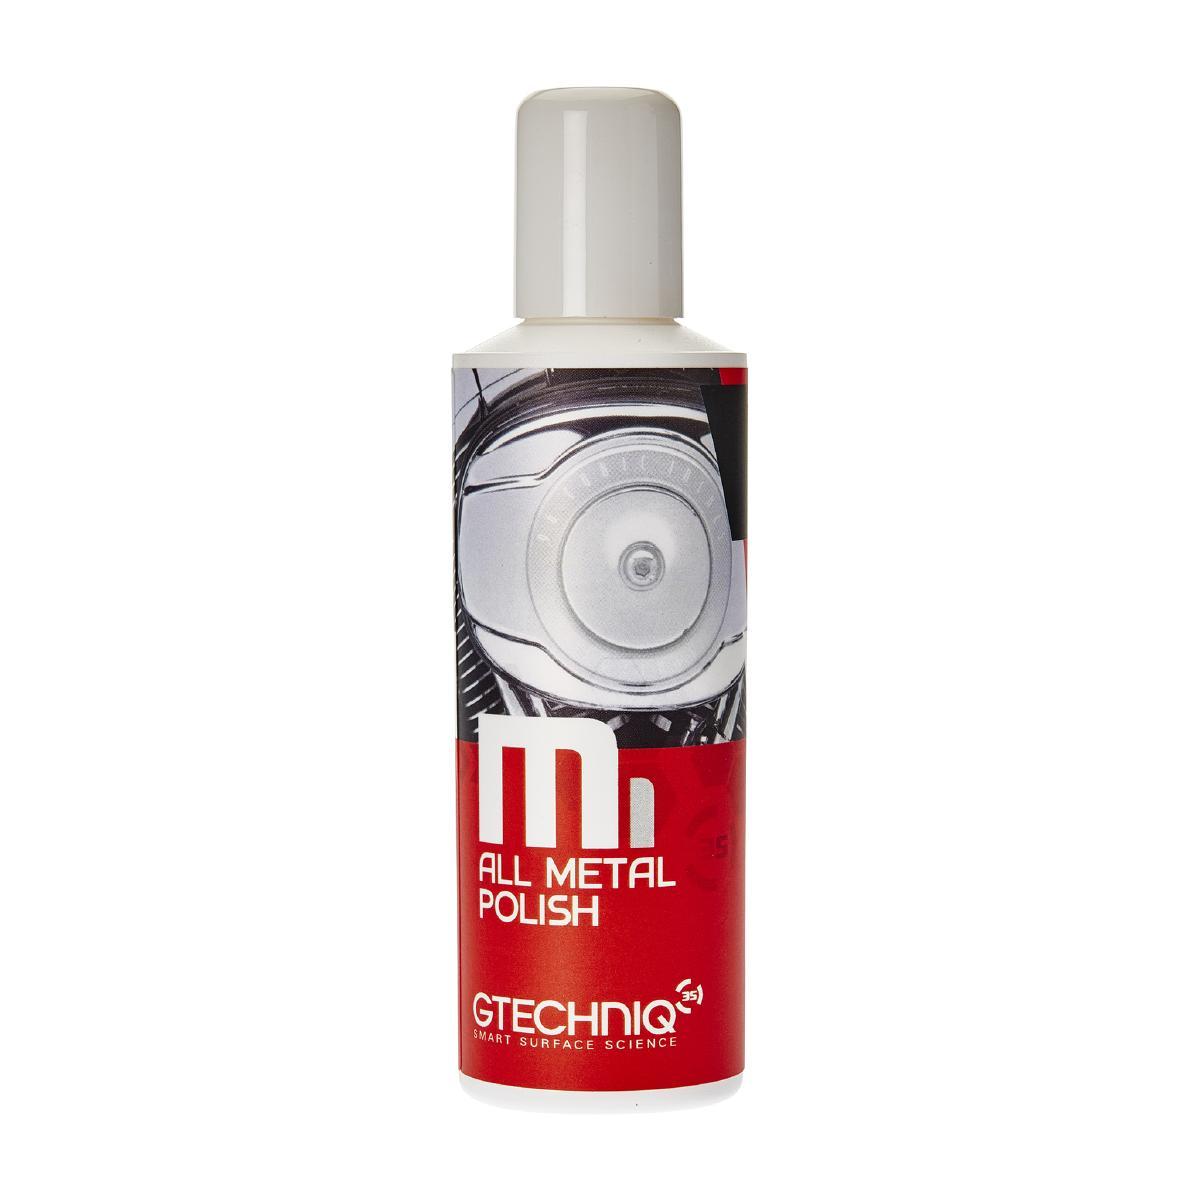 Metallpolermedel Gtechniq M1 All Metal Polish, 100 ml